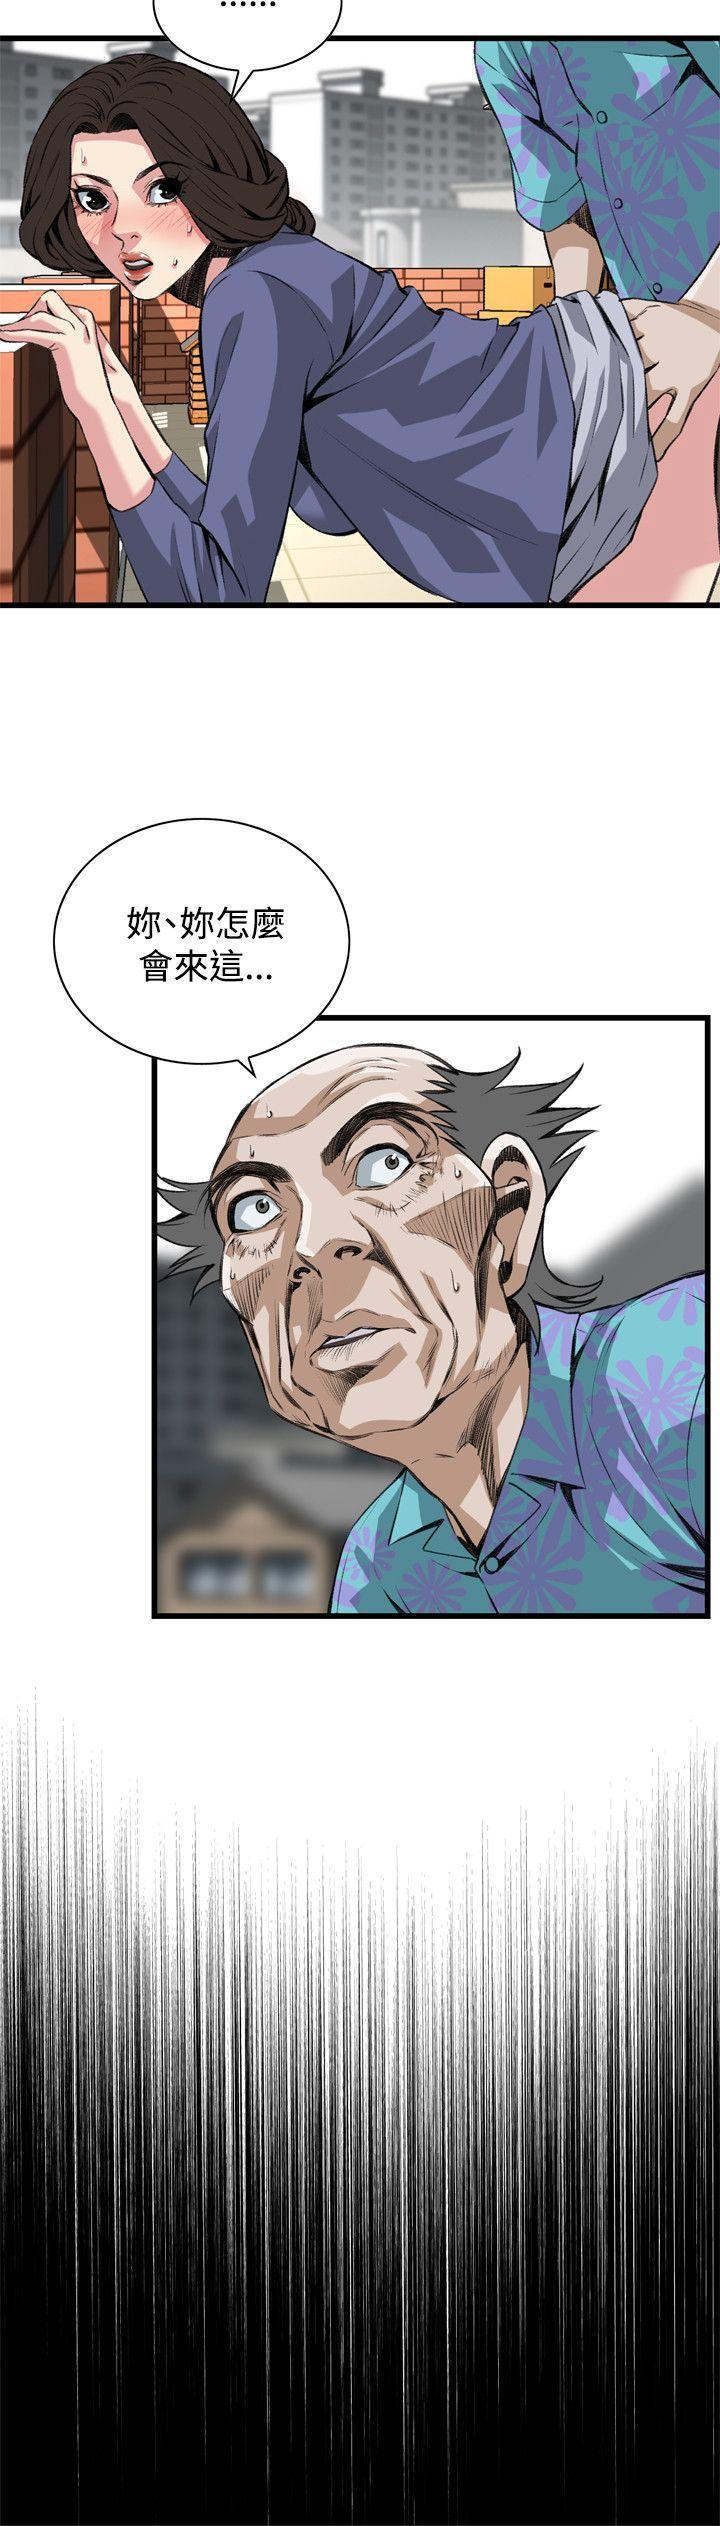 偷窥72-93 Chinese Rsiky 154